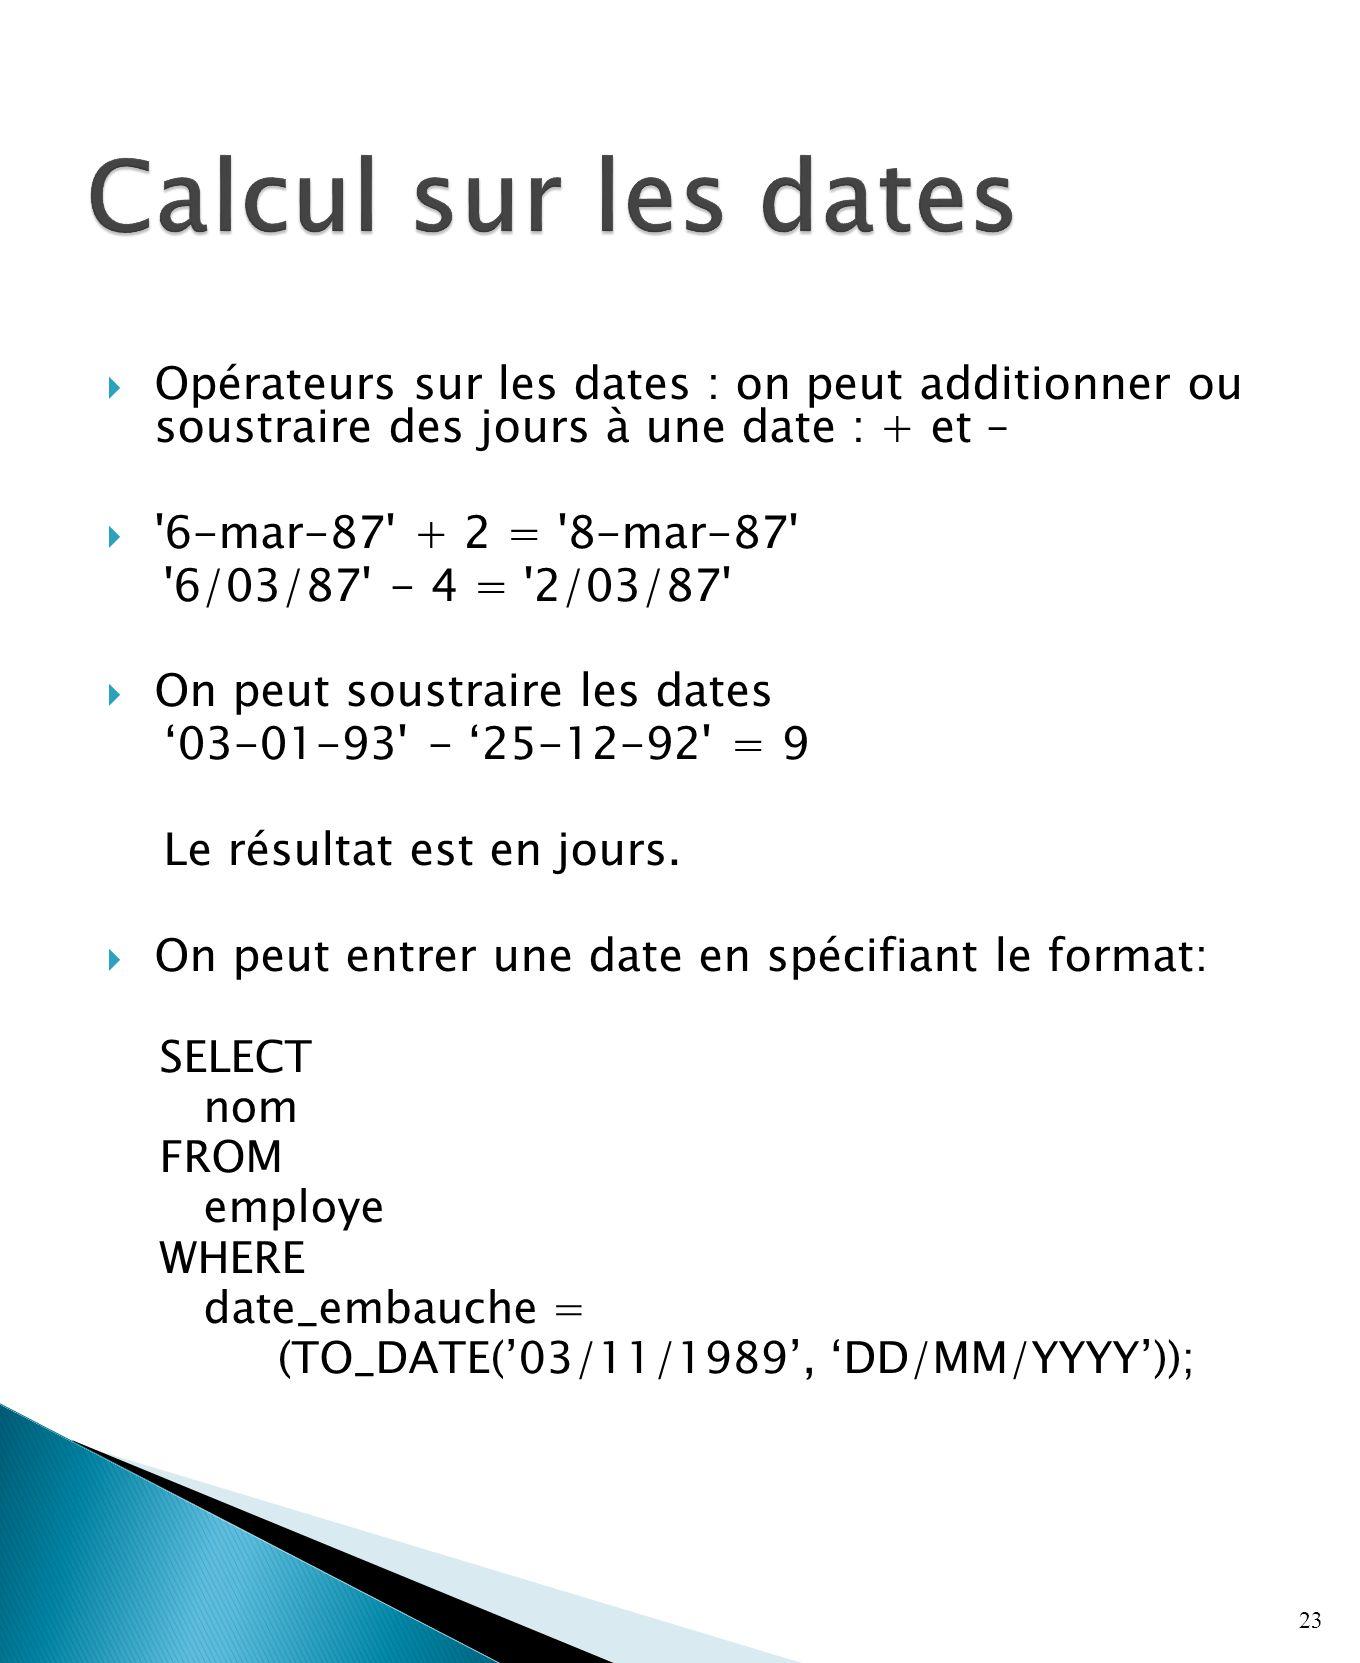 Opérateurs sur les dates : on peut additionner ou soustraire des jours à une date : + et – 6-mar-87 + 2 = 8-mar-87 6/03/87 - 4 = 2/03/87 On peut soustraire les dates 03-01-93 - 25-12-92 = 9 Le résultat est en jours.